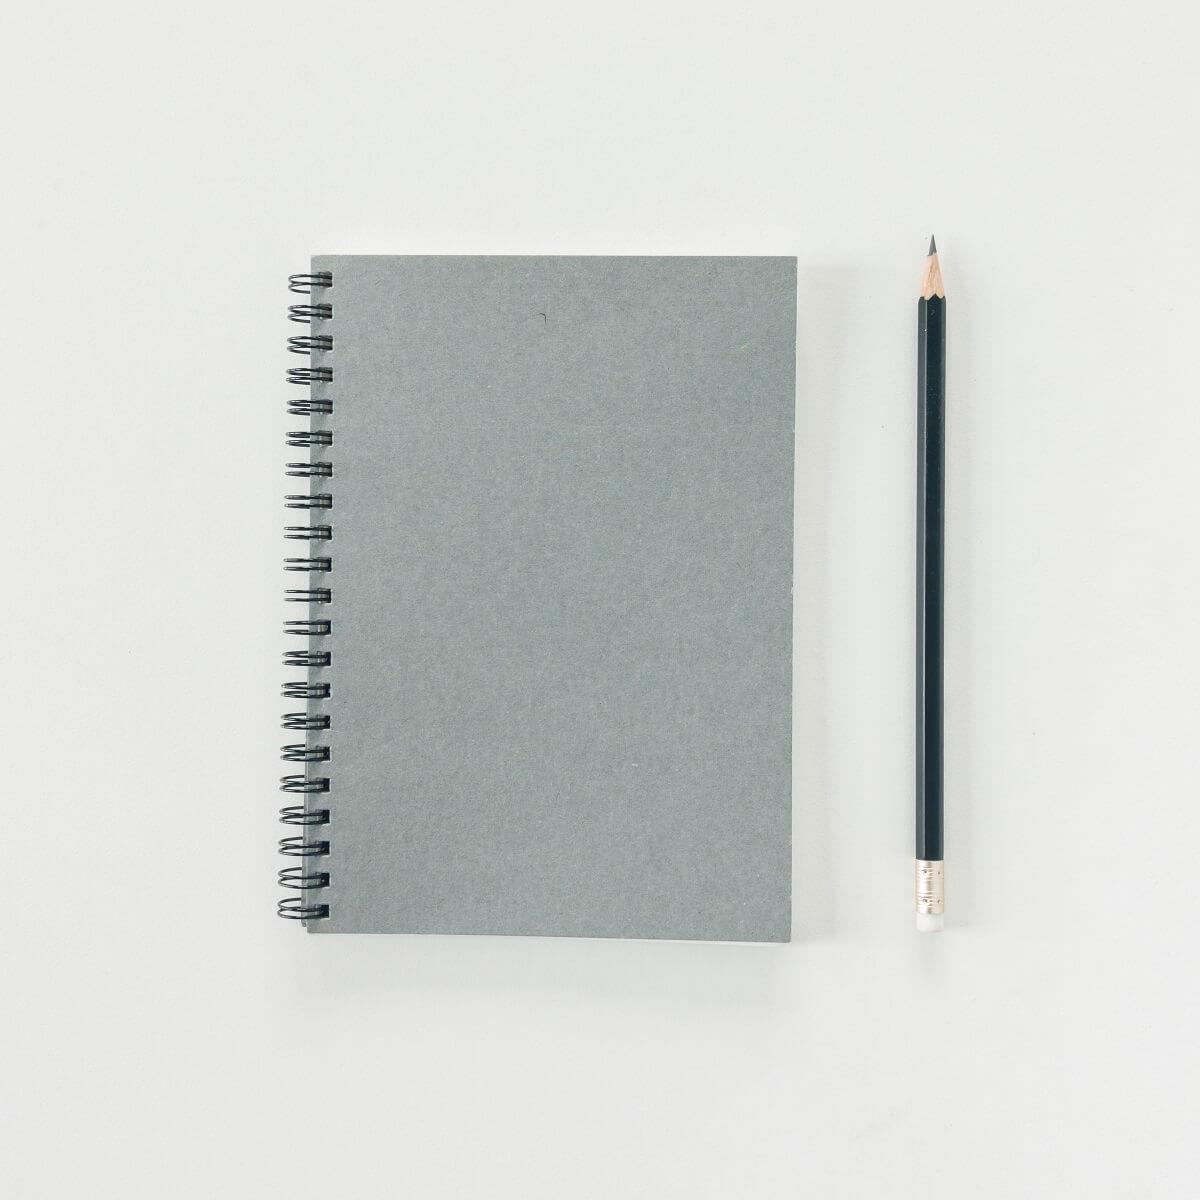 新品のグレーのノートと鉛筆。